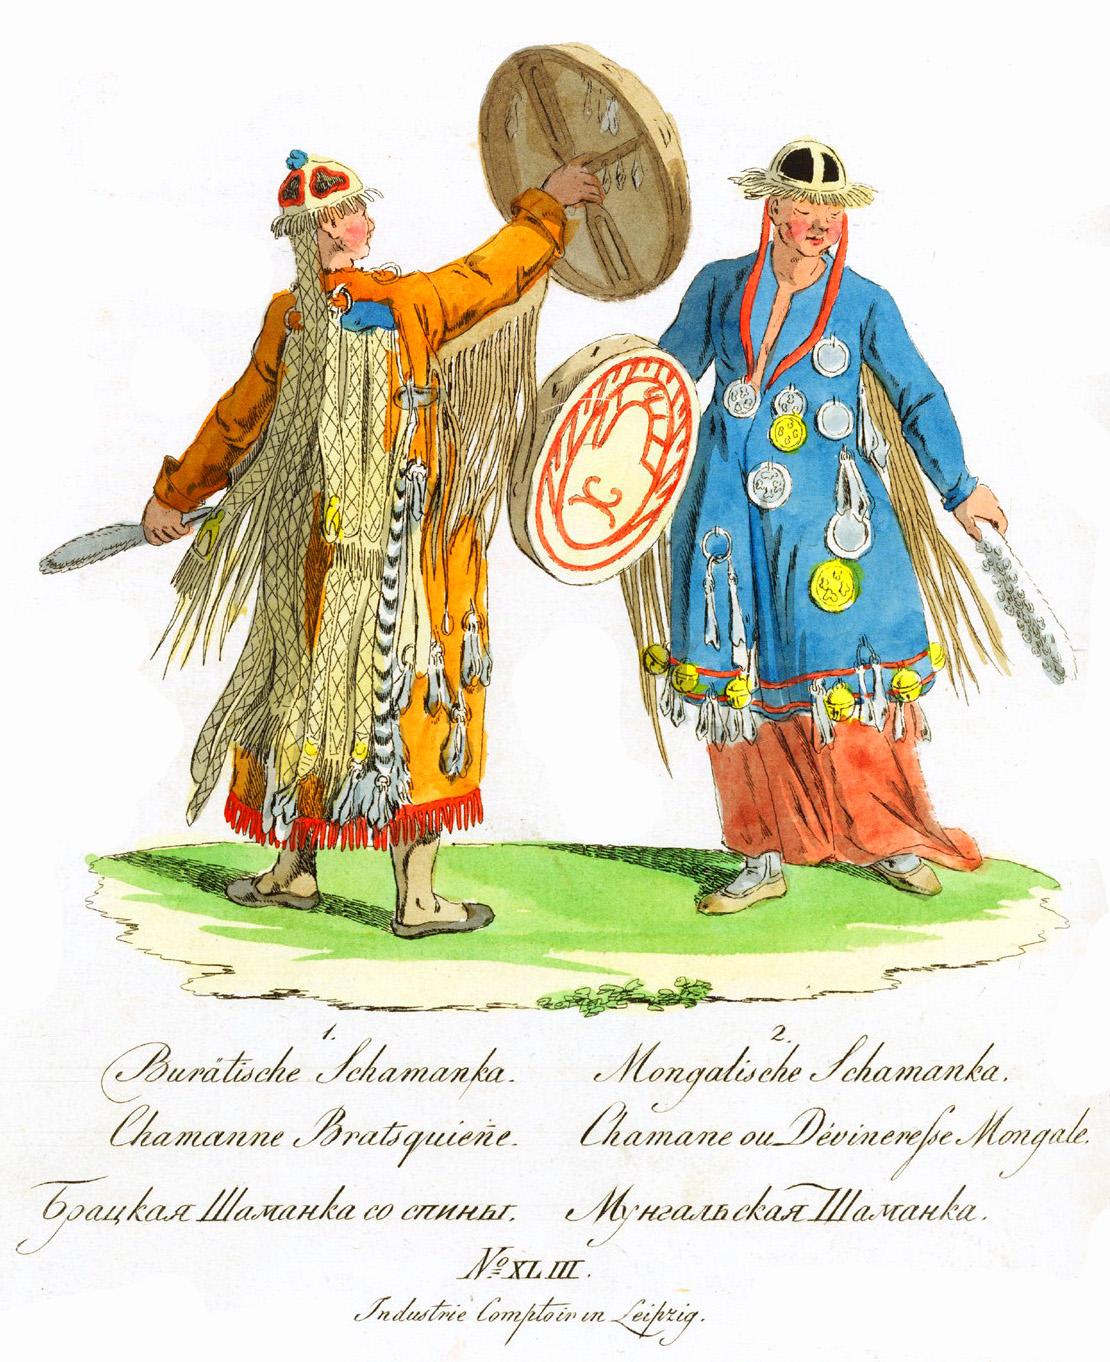 43. Брацкая шаманка со спины. Мунгальская Шаманка.